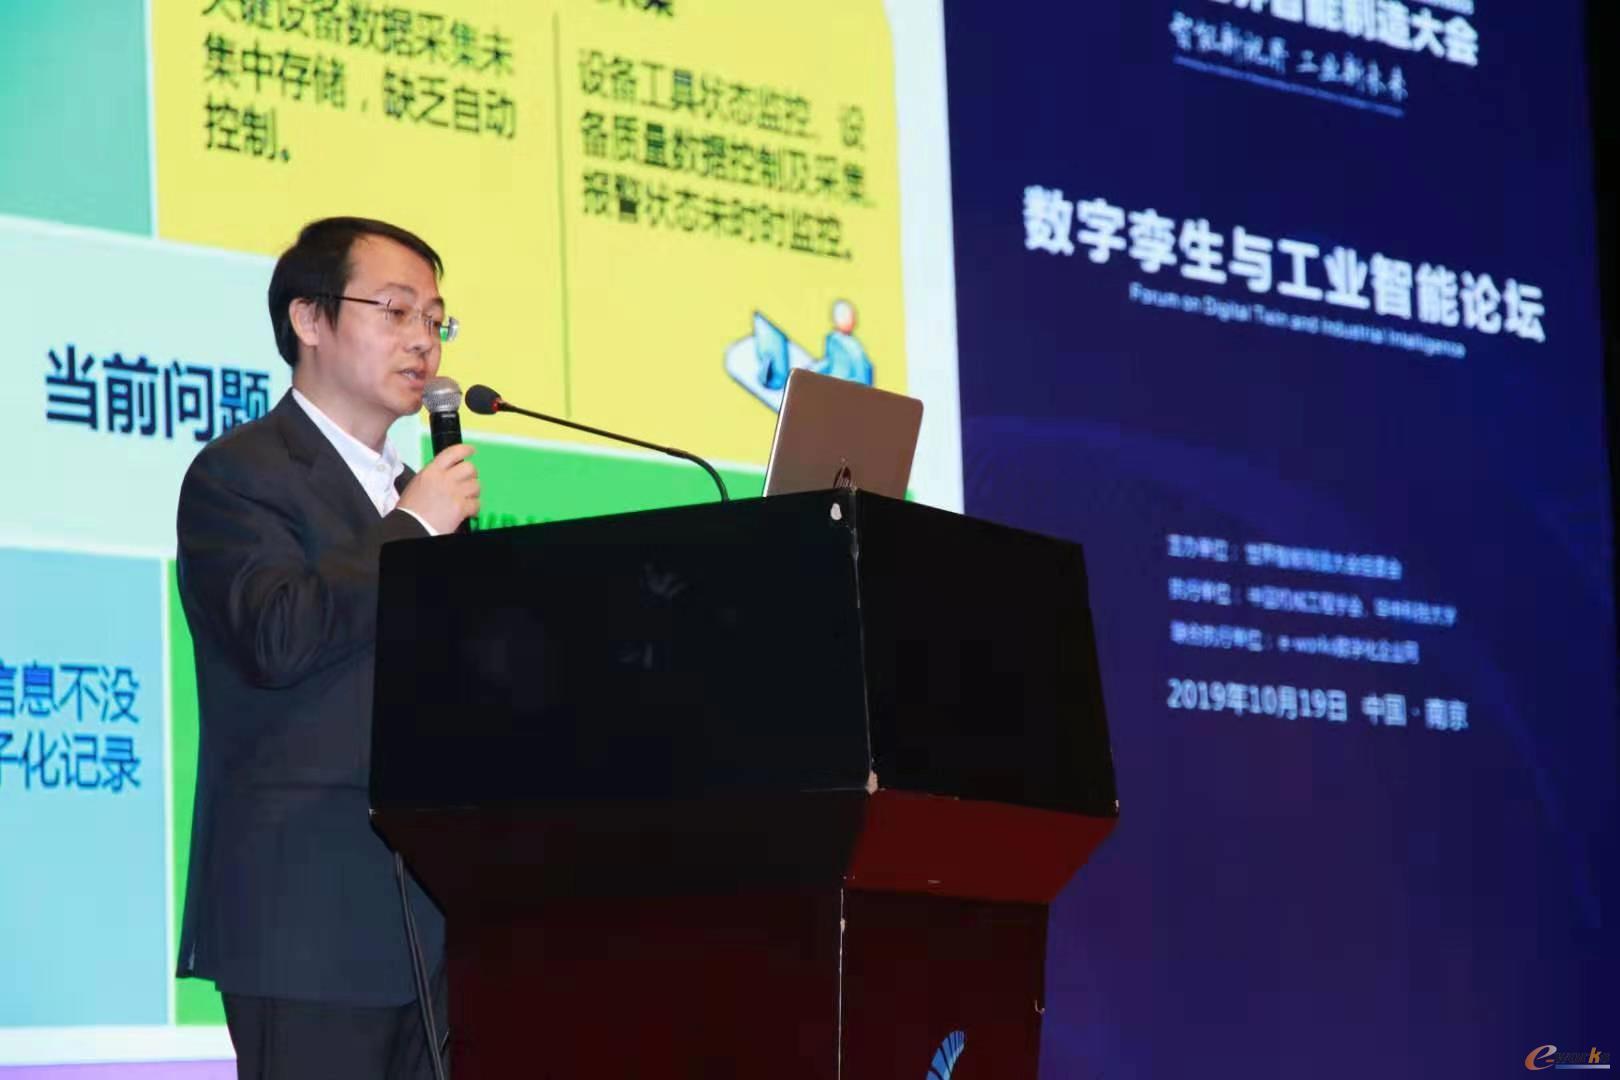 一汽轿车股份有限公司工程技术部副部长赵卯